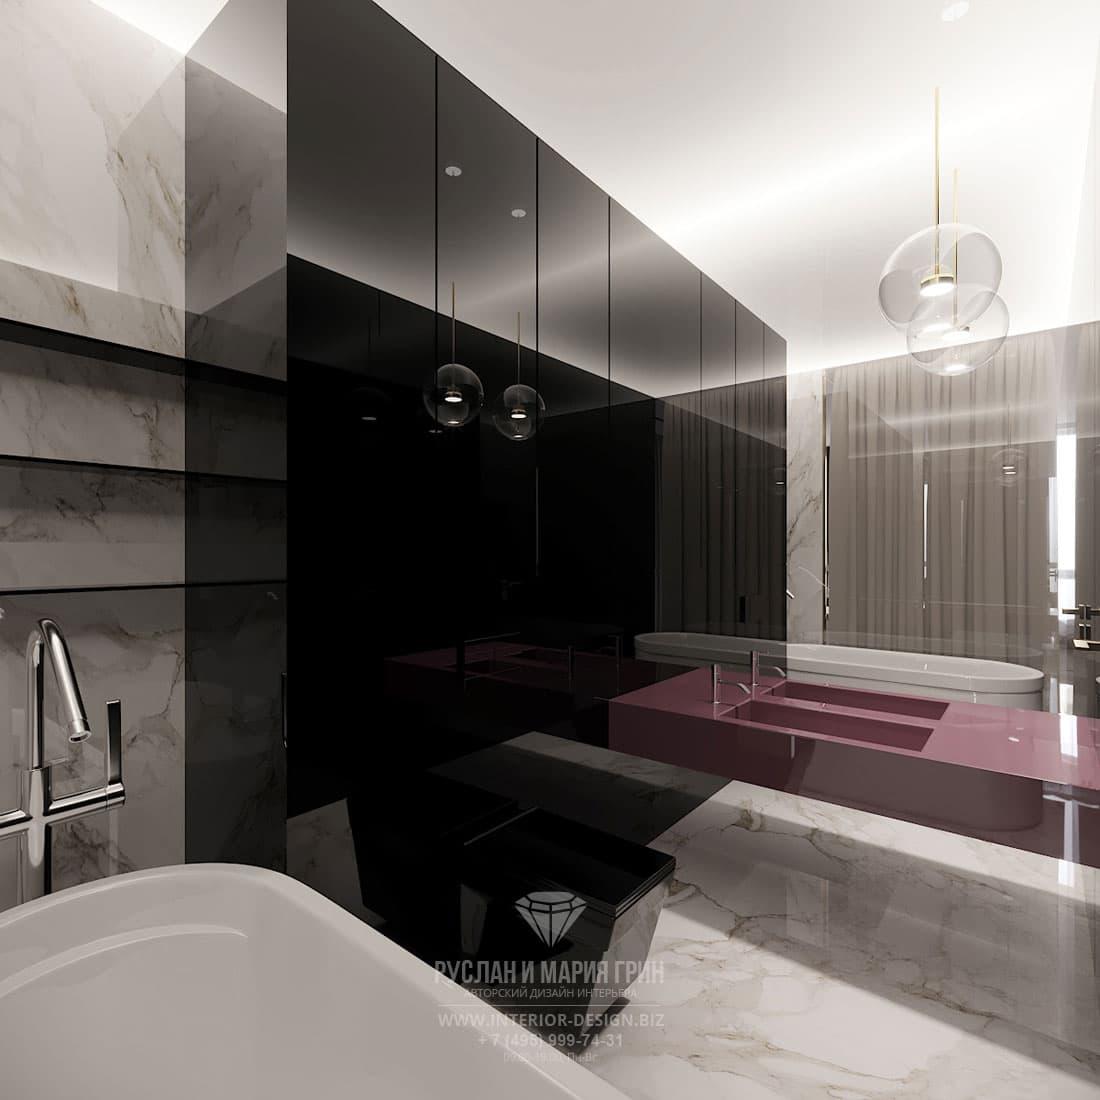 Современный стиль в дизайне ванной комнаты с мраморной отделкой